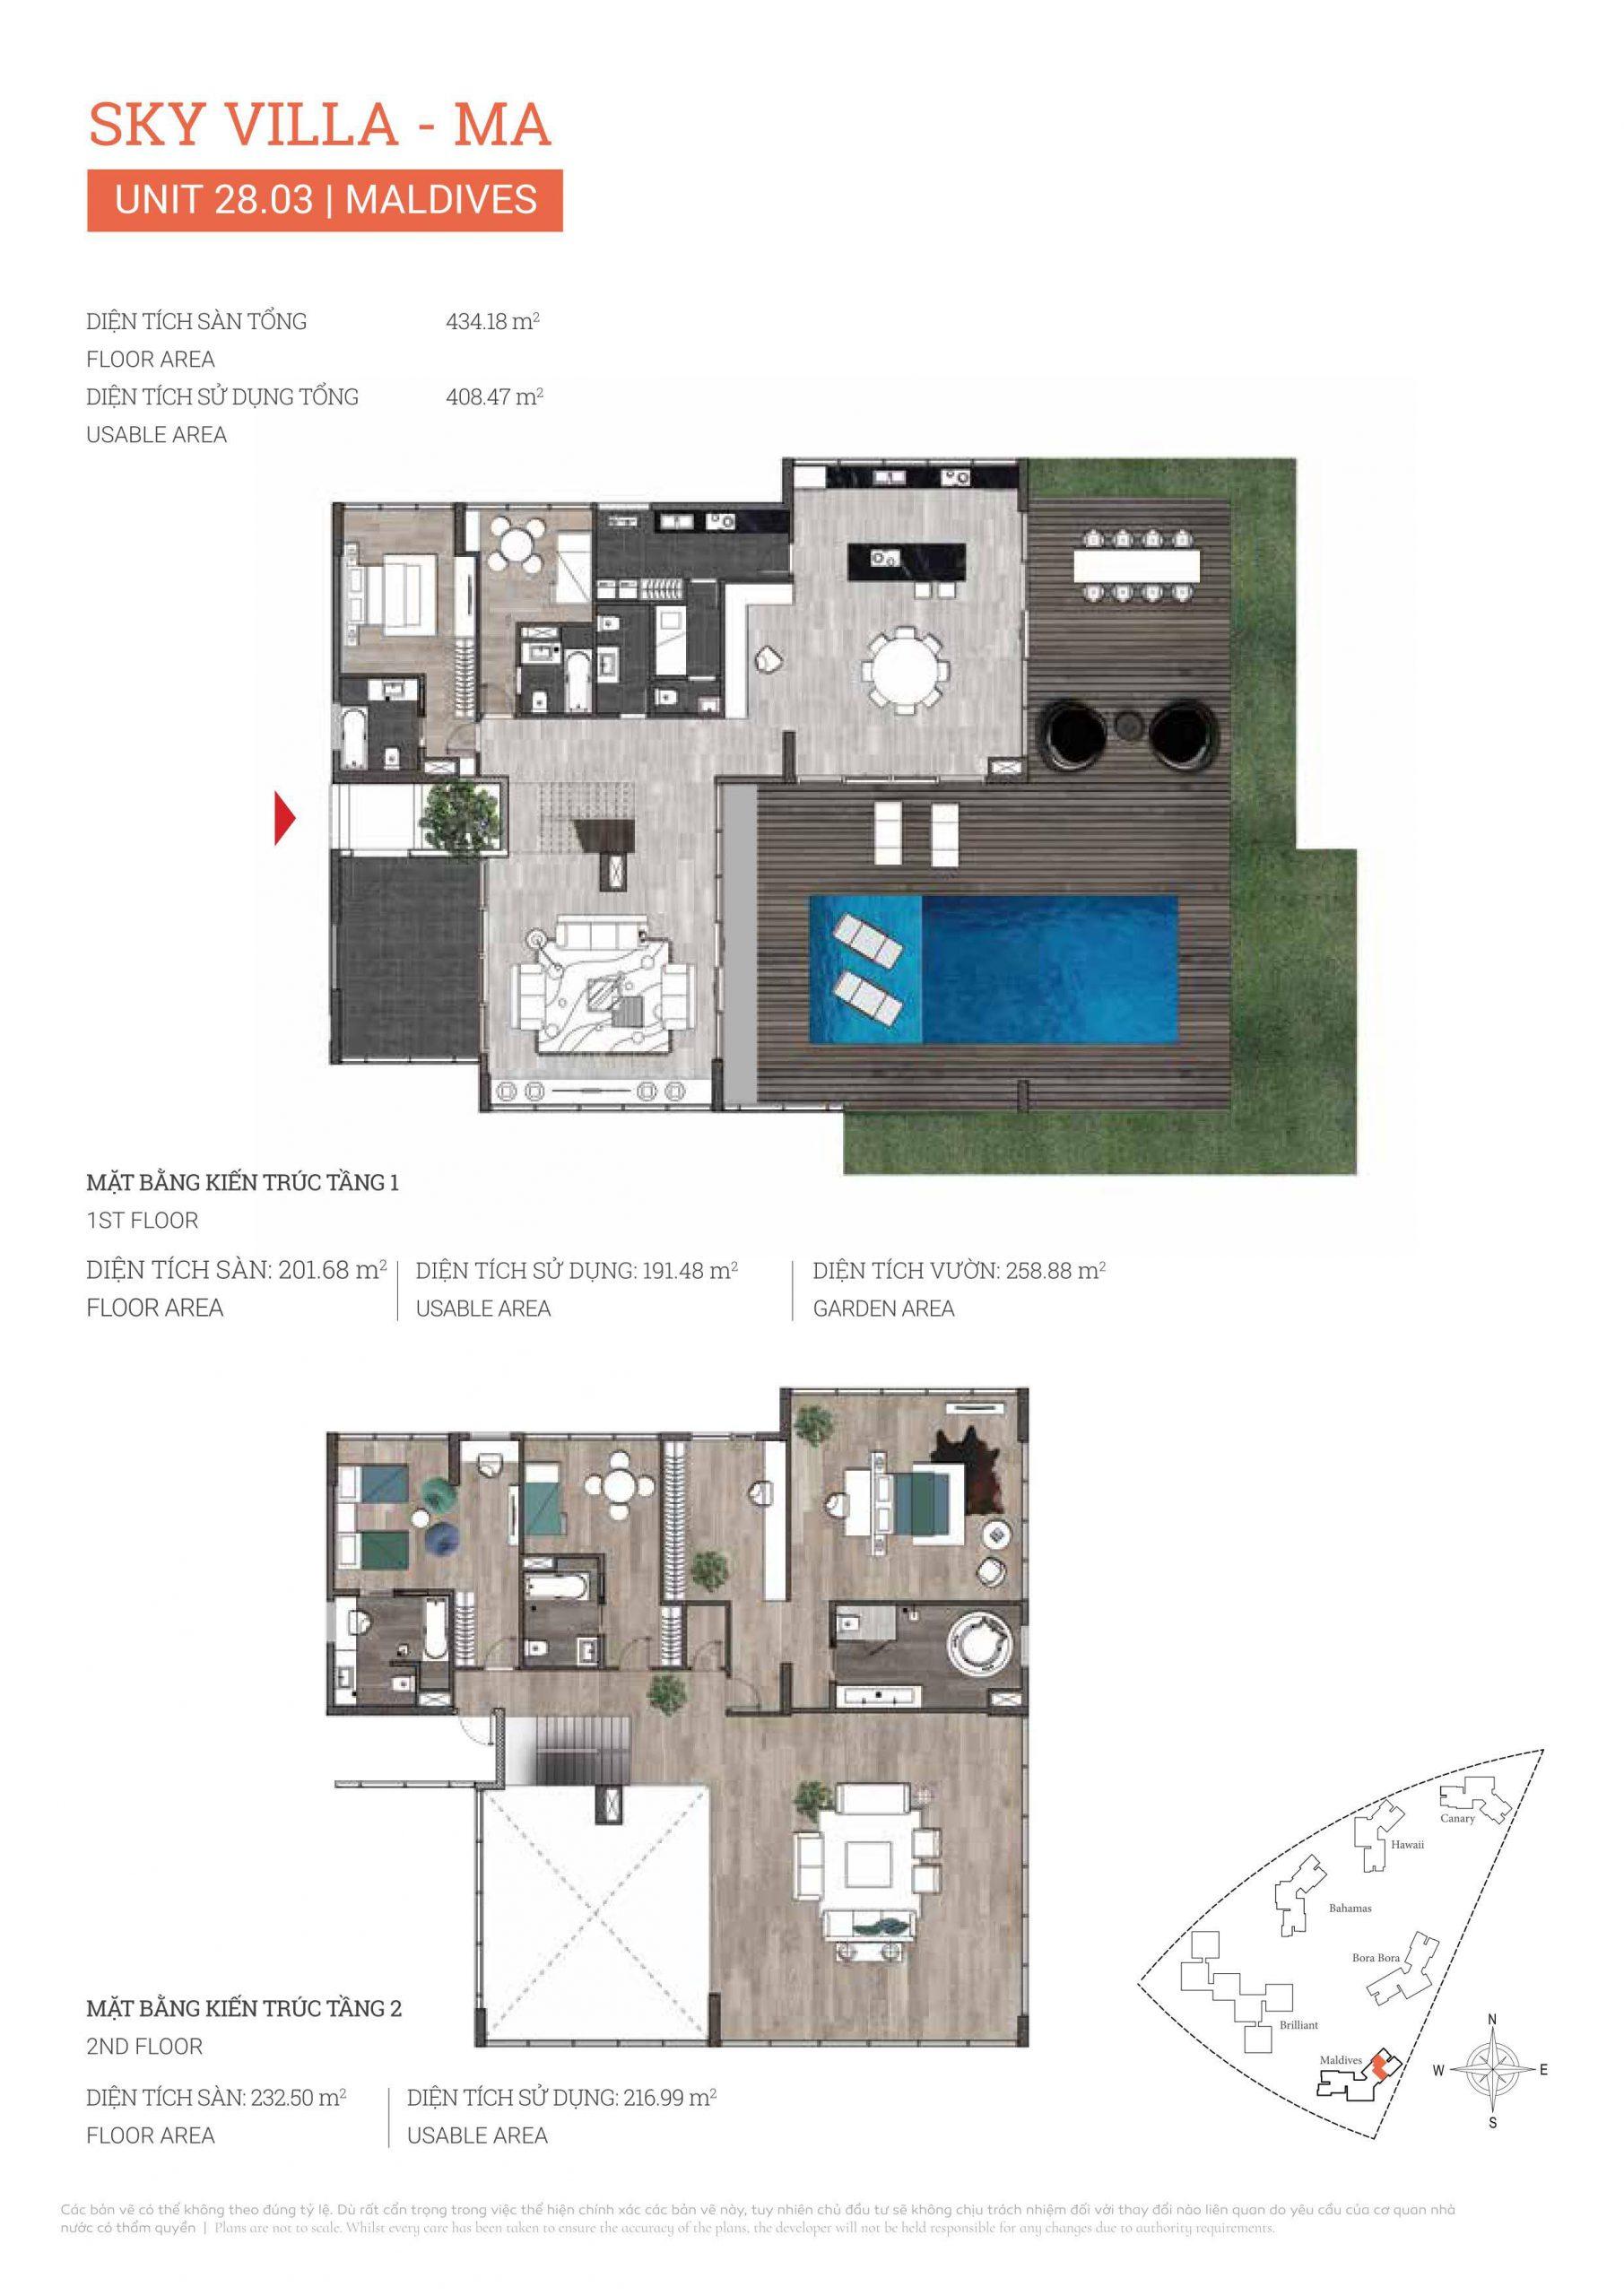 Layuot Penthouse DKC MA-28.03